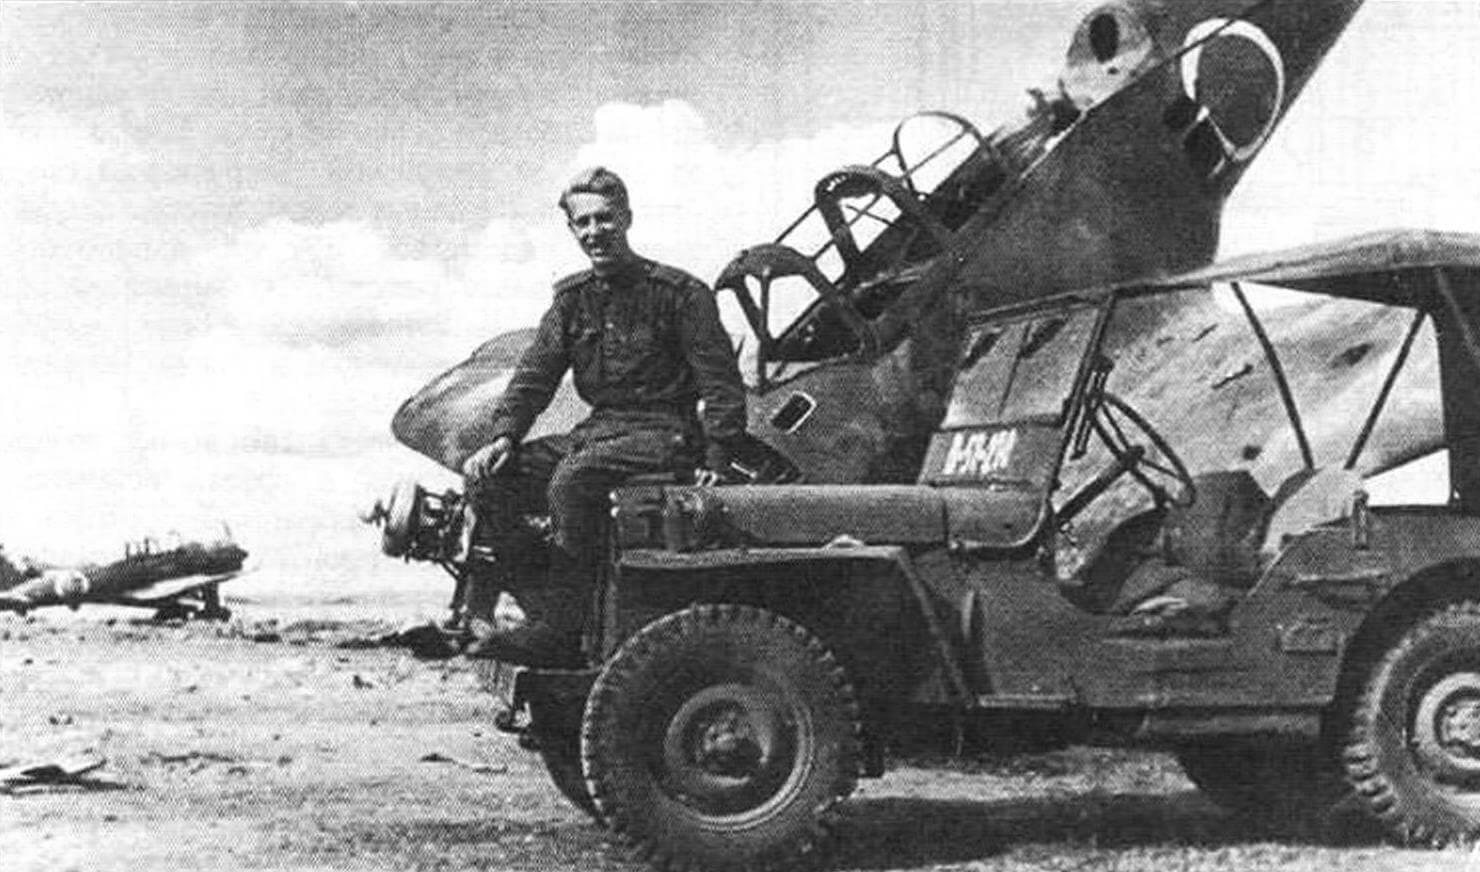 Willys МВ на захваченном японском аэродроме в Манчжурии (сентябрь 1945 года)